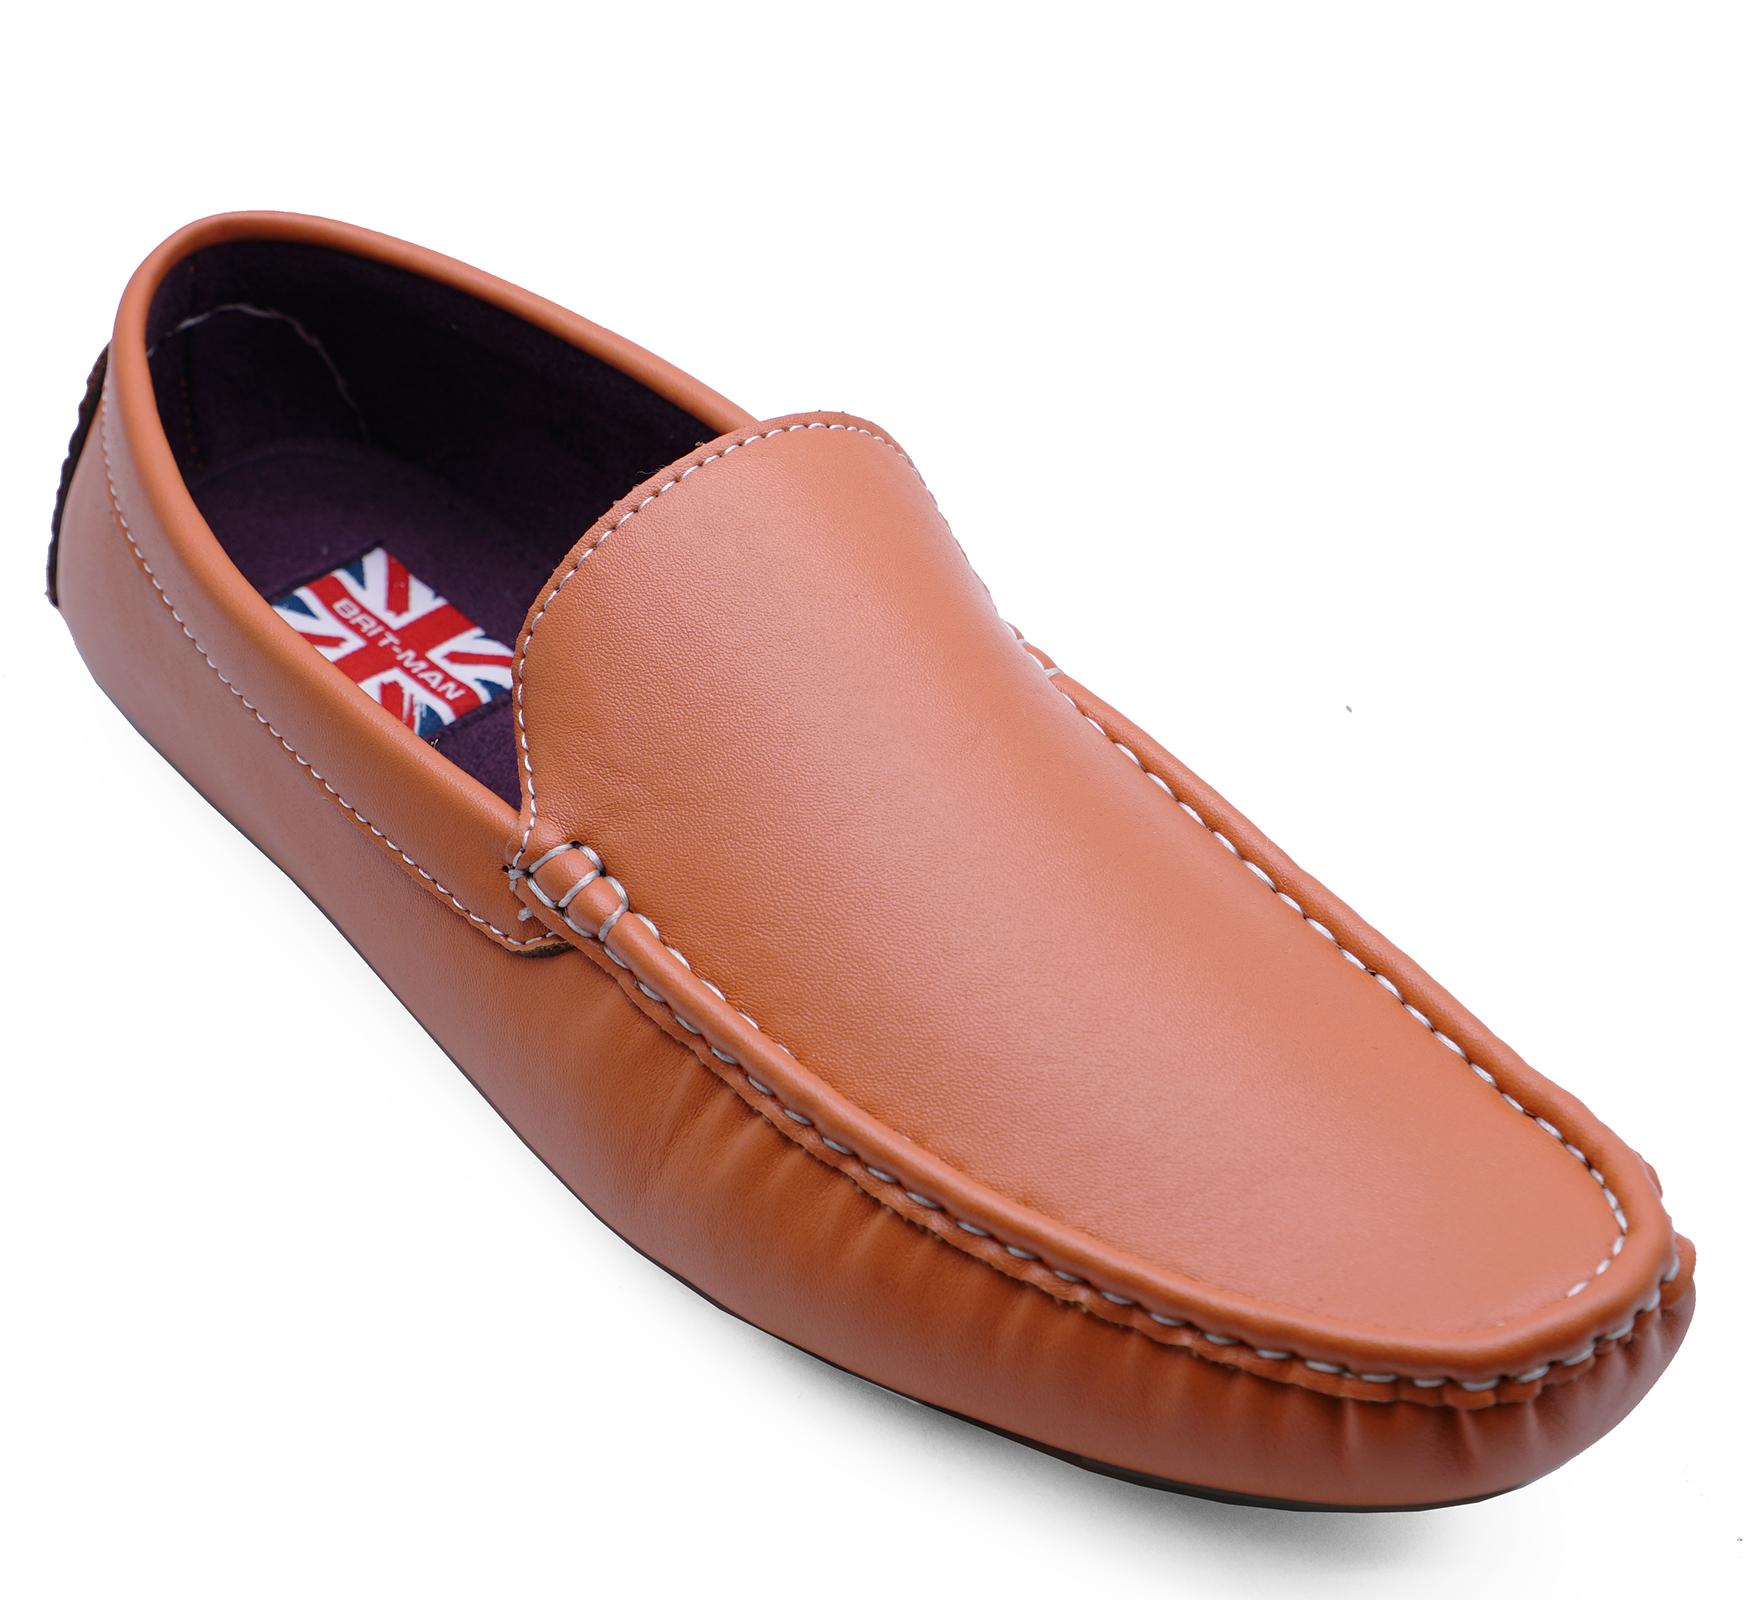 Homme Orange Plat Smart Casual Moccasin Mocassins Deck travail conduite Chaussures UK 6-11